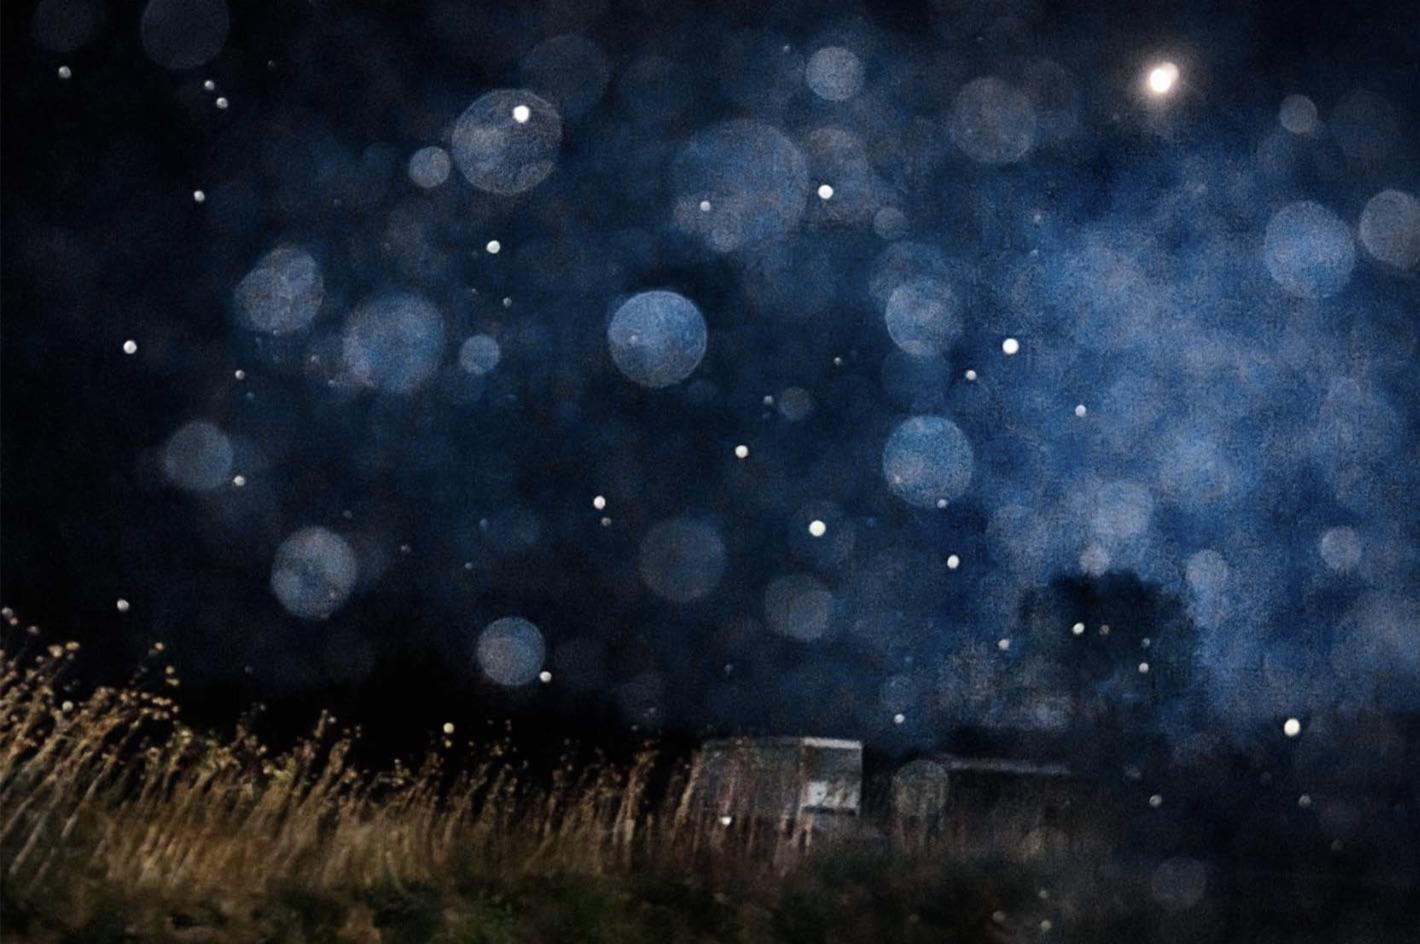 La nuit@Francoise_Galeron